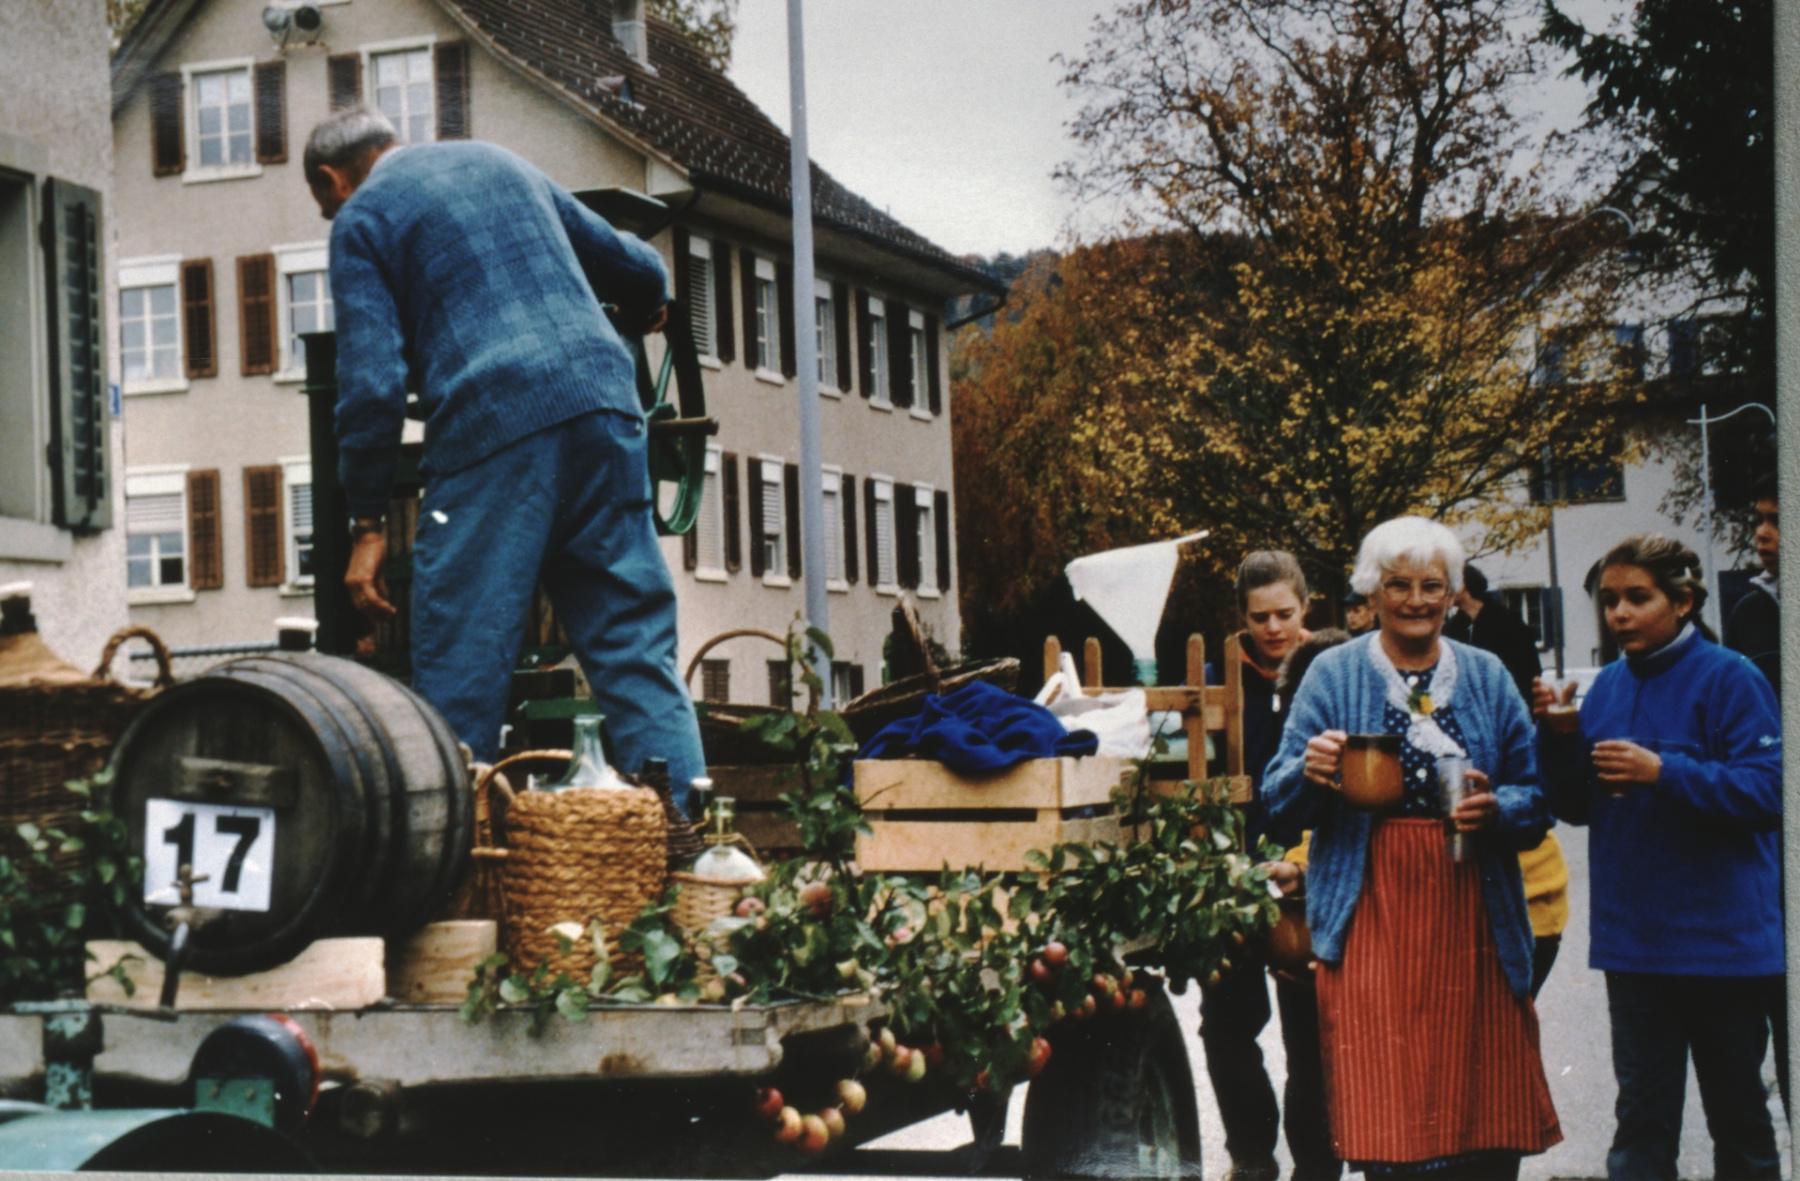 Jubiläumsumzug 100 Jahre Viehzuchtgenossenschaft, Fenner's + Most